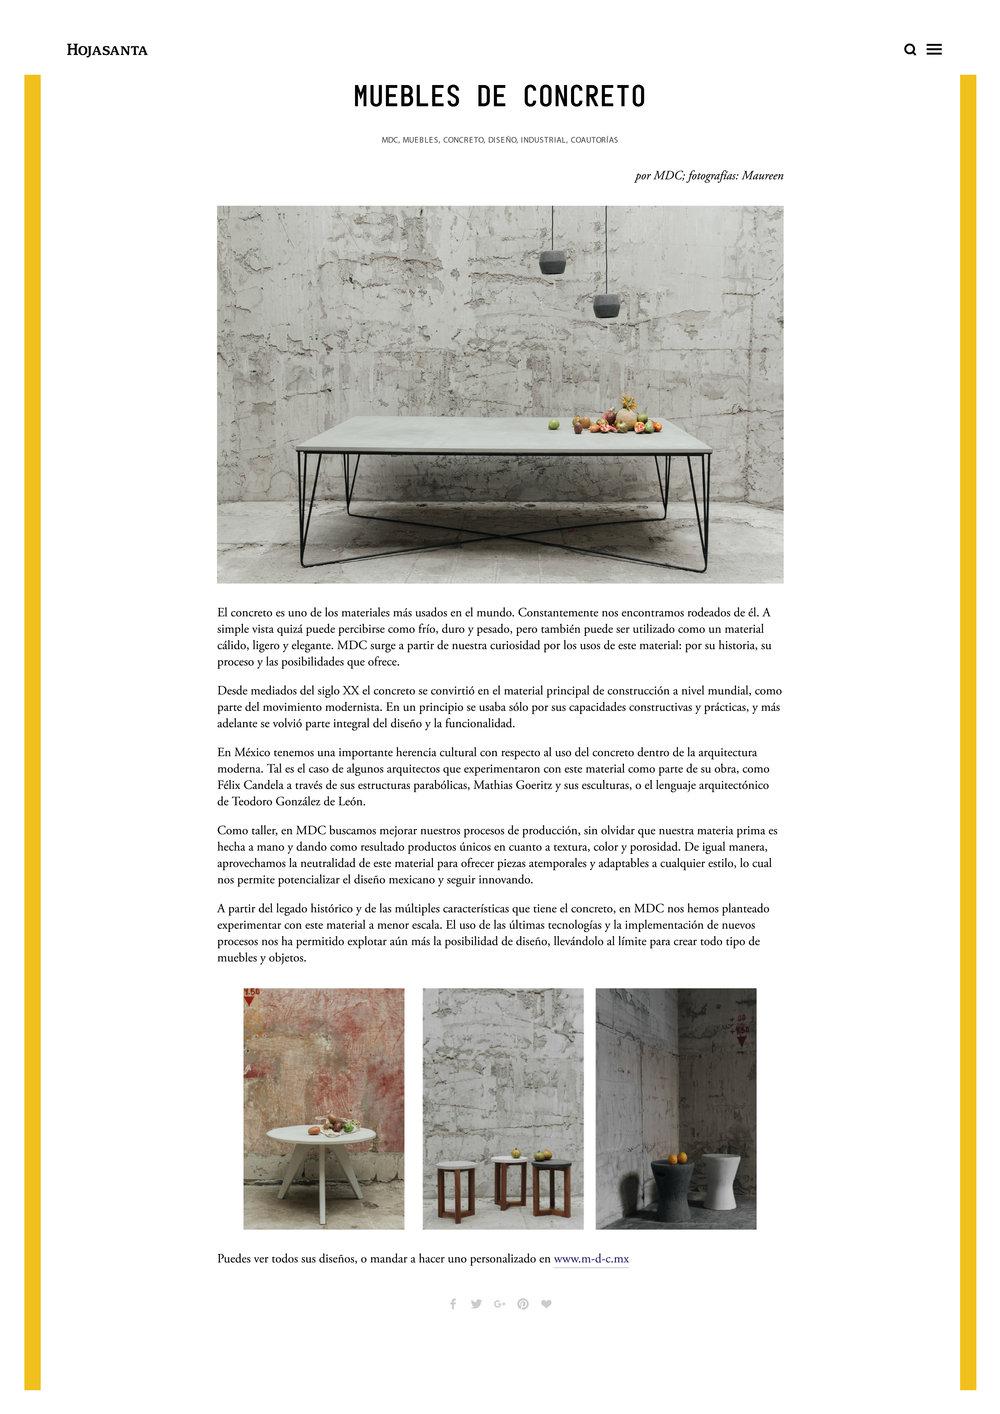 Muebles de concreto — HojaSanta-01.jpg